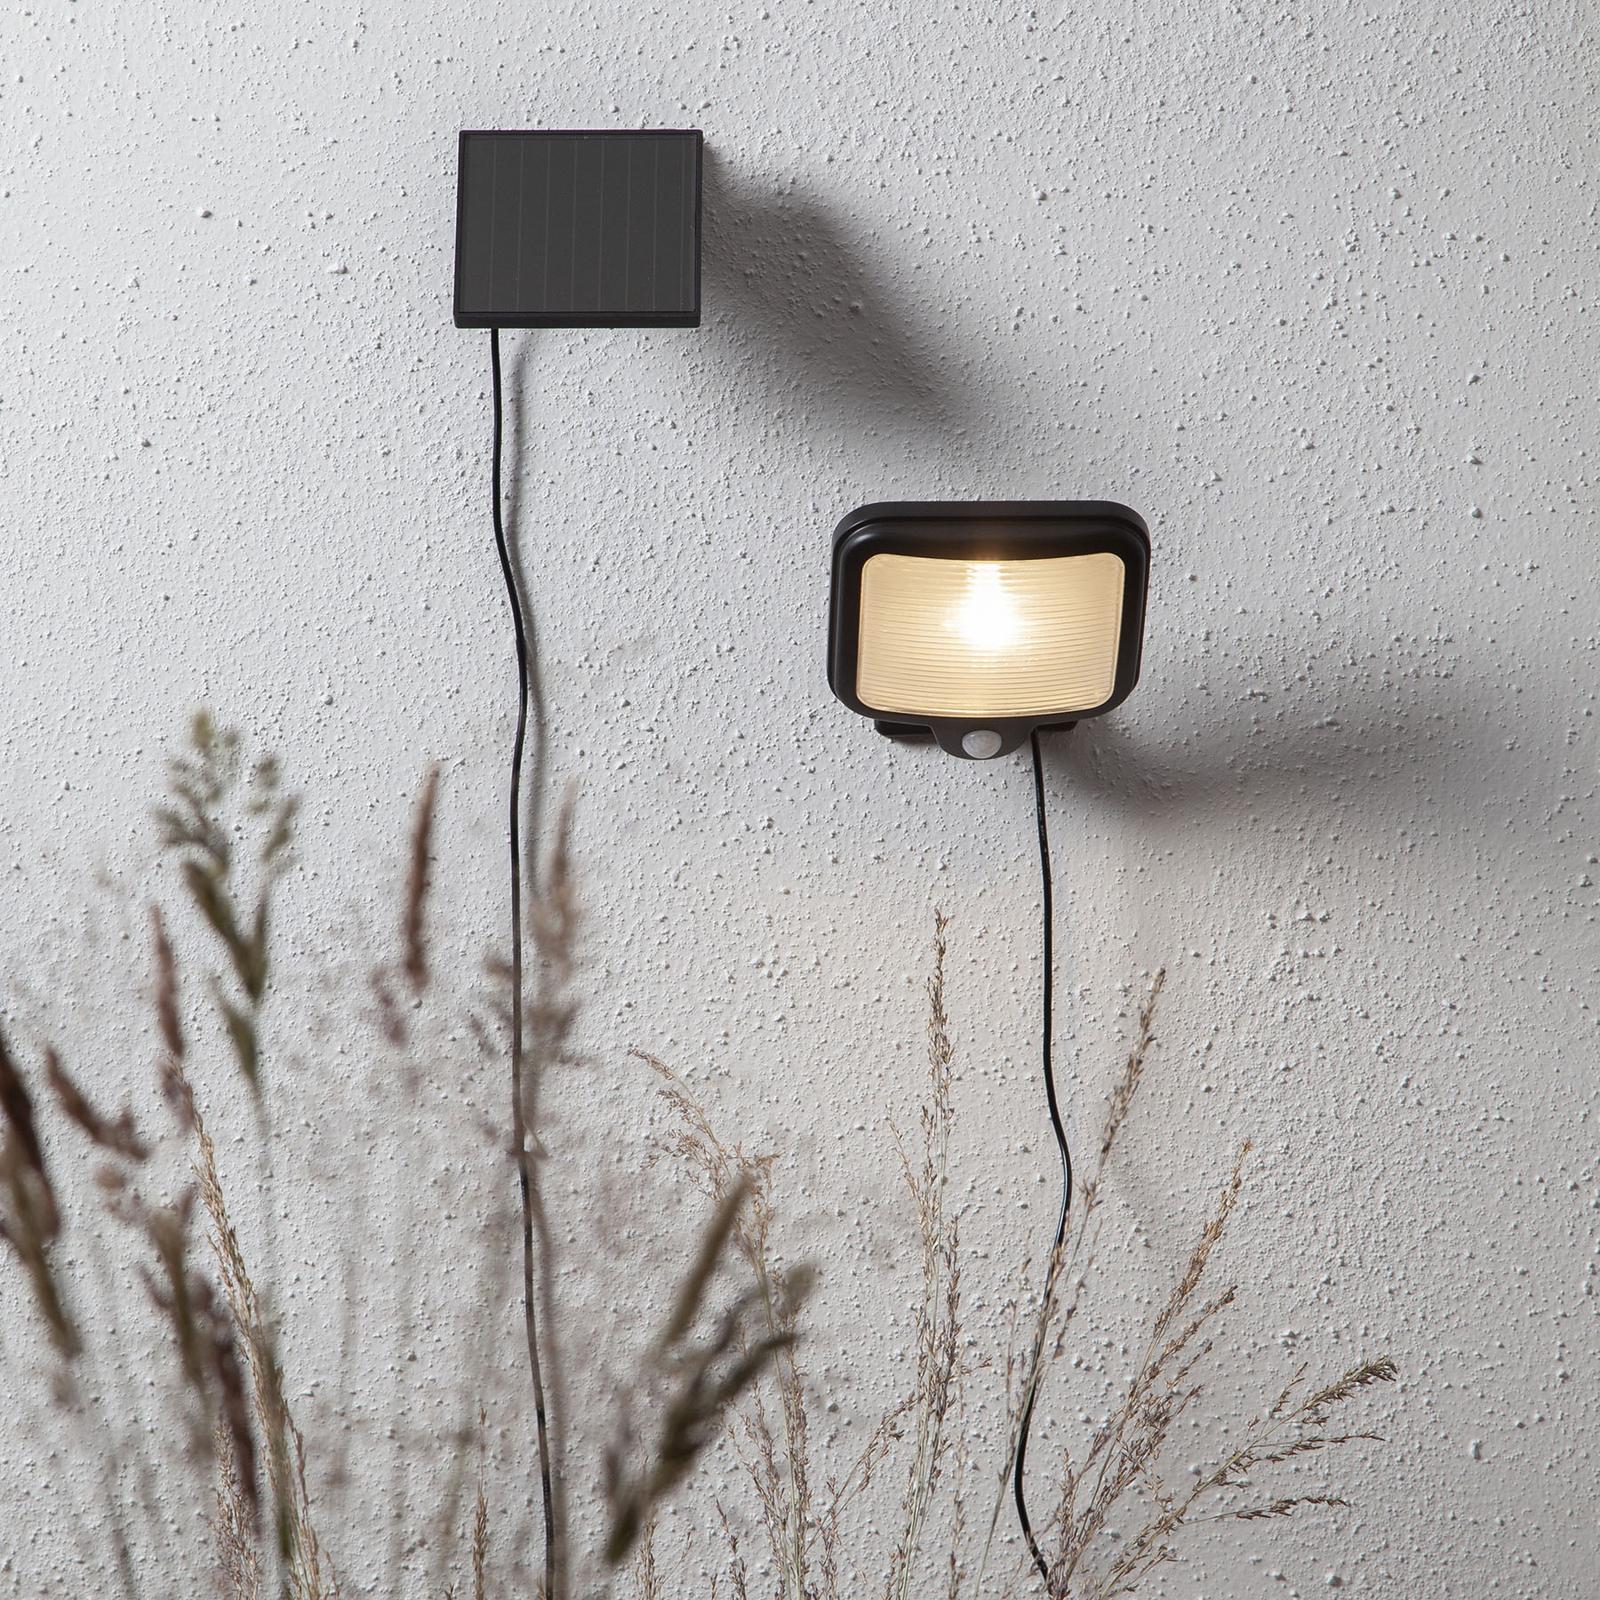 Lampa solarna LED Powerspot Sensor kątowa czarna